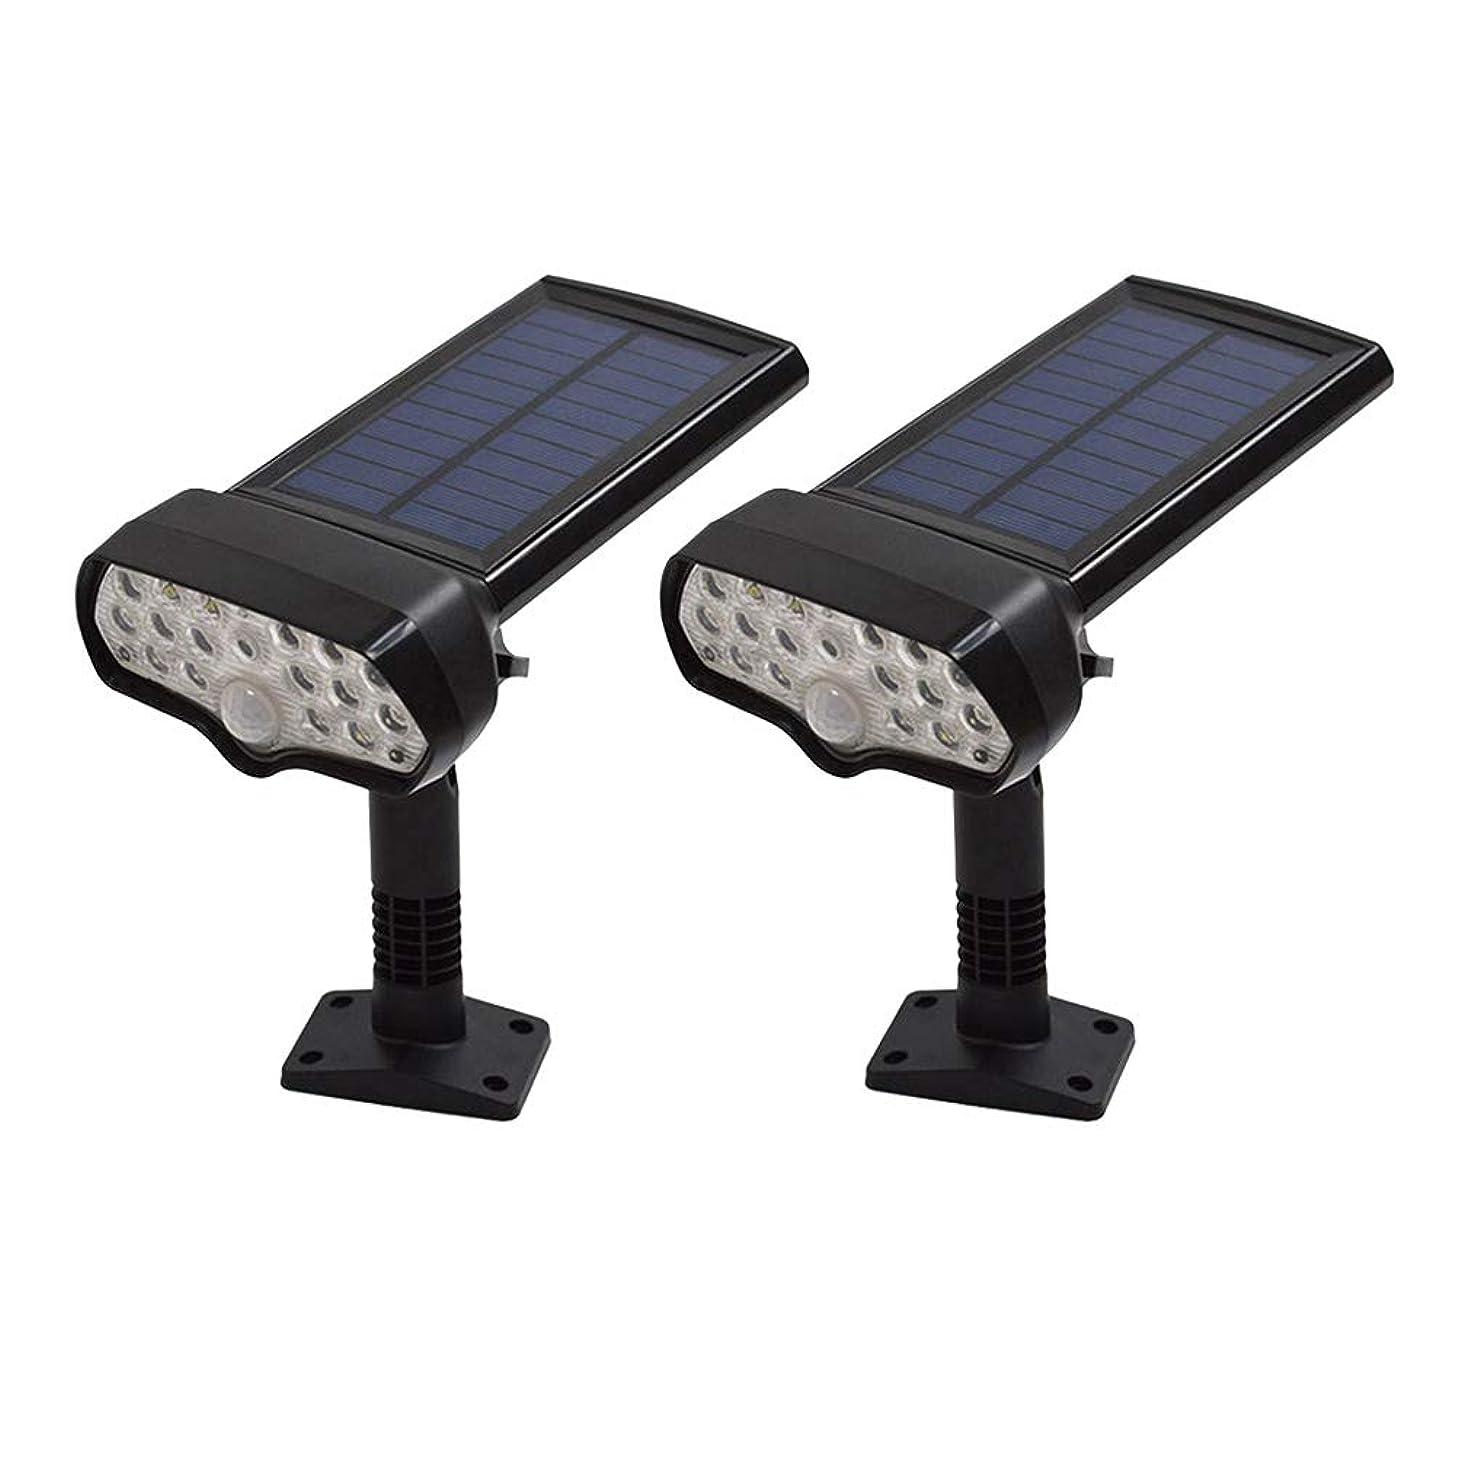 不利益バーマド文明化ソーラーライト 屋外 2個のソーラーモーションセンサーライトランプホーム照明模倣モニタリングセキュリティランプ(ブラック)